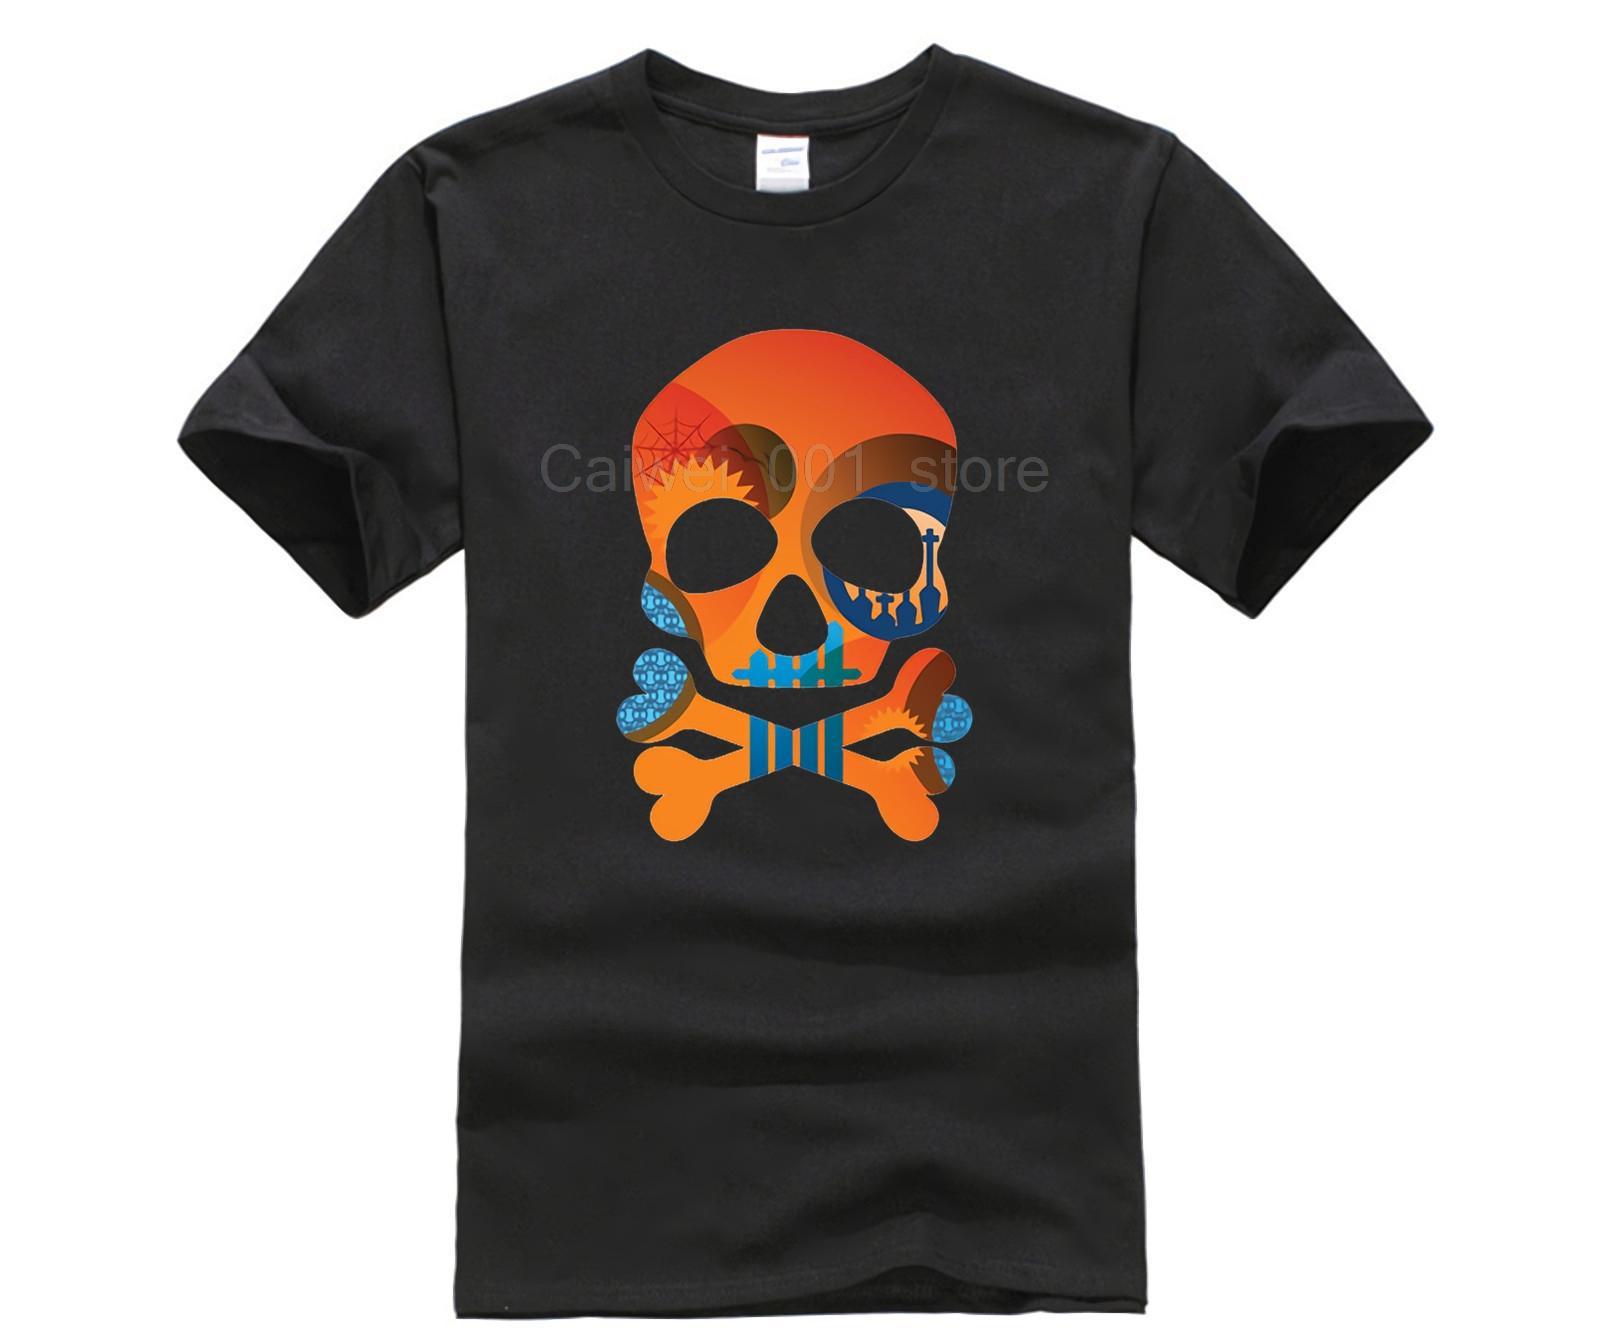 Спорт мужской футболки Красочные черепа печати метанию Личность с коротким рукавом Топы Хлопок моды 2019 тенденции тенниску